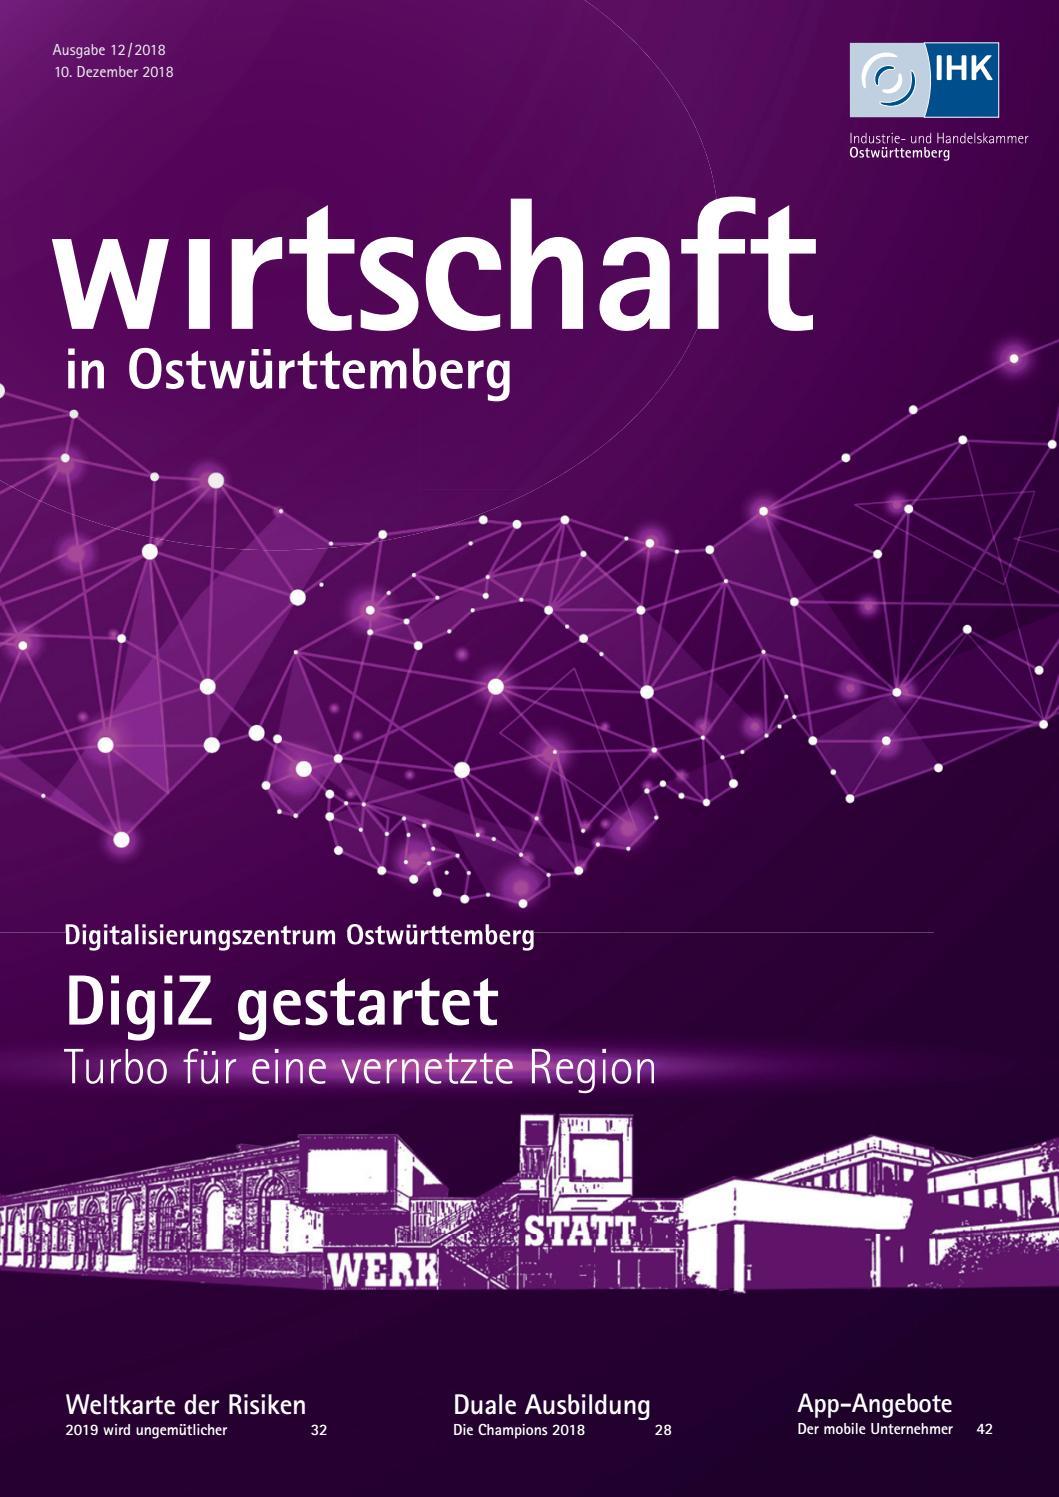 Wirtschaft in Ostwürttemberg Dezember 2018 by